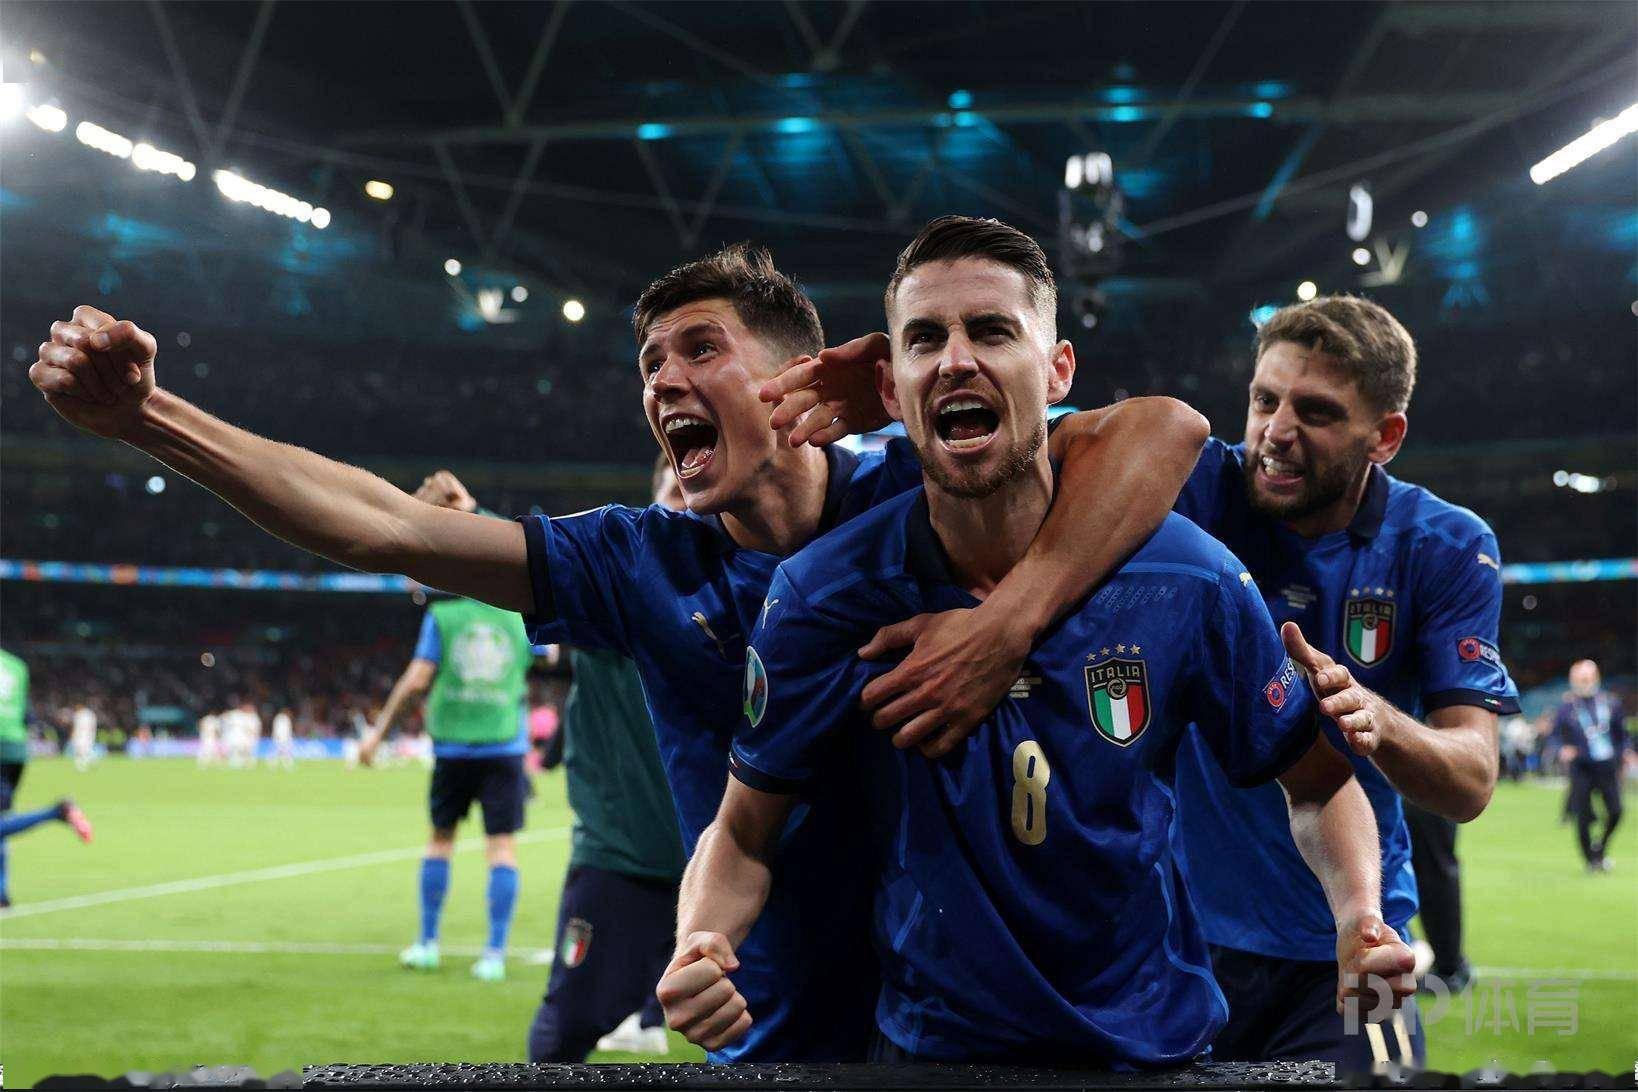 欧洲杯:意大利点球大战淘汰西班牙 5-3率先晋级决赛